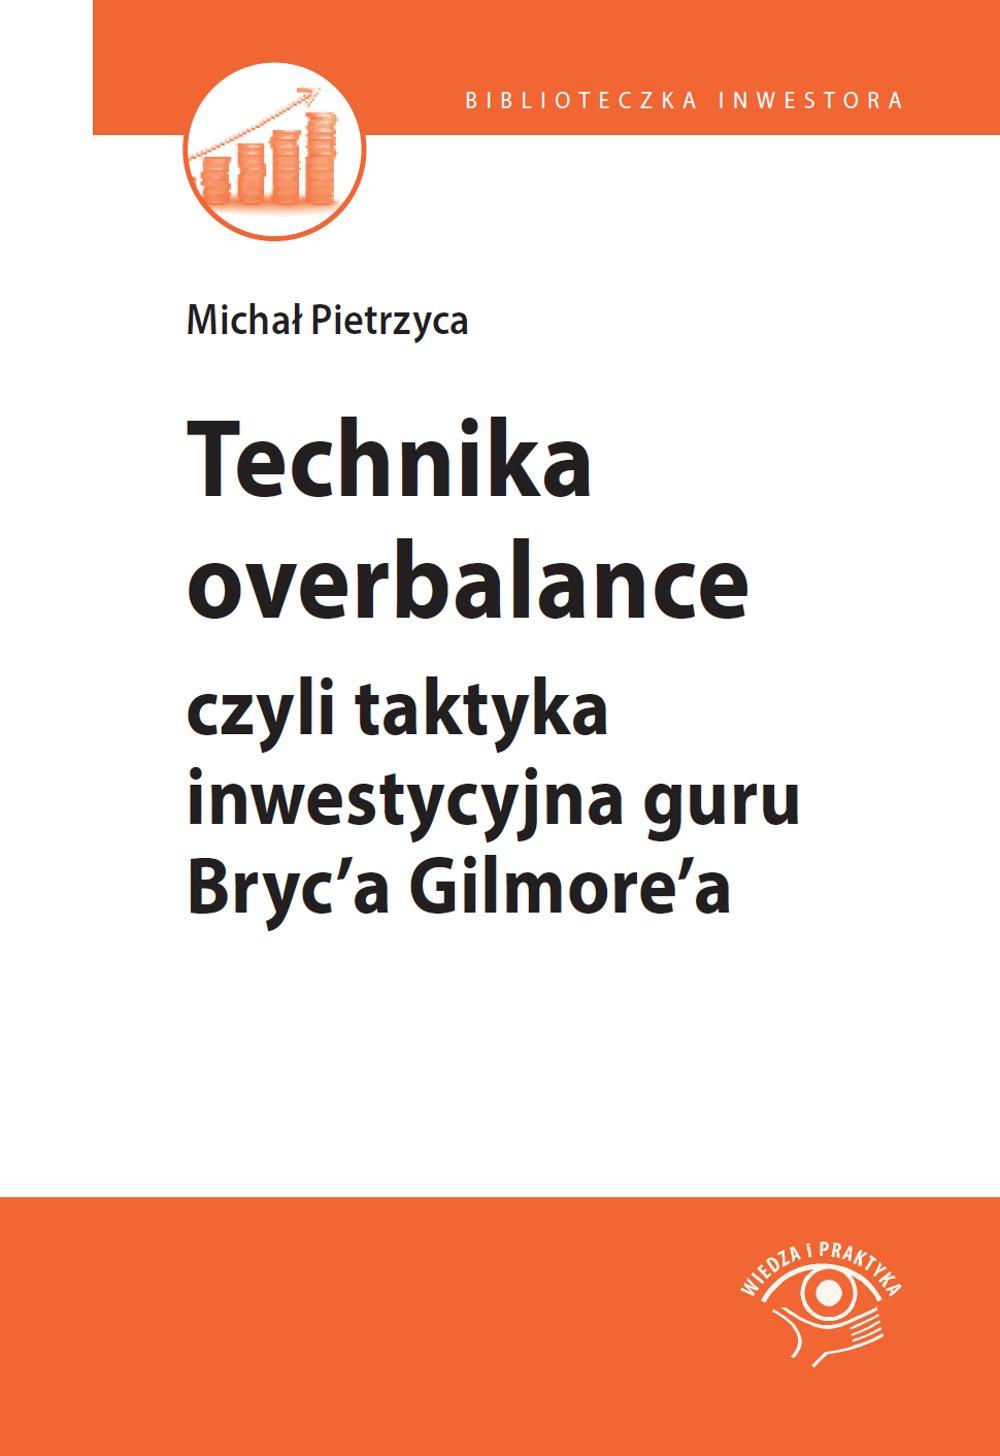 Technika overbalance, czyli taktyka inwestycyjna guru Bryc'a Gilmore'a - Ebook (Książka na Kindle) do pobrania w formacie MOBI